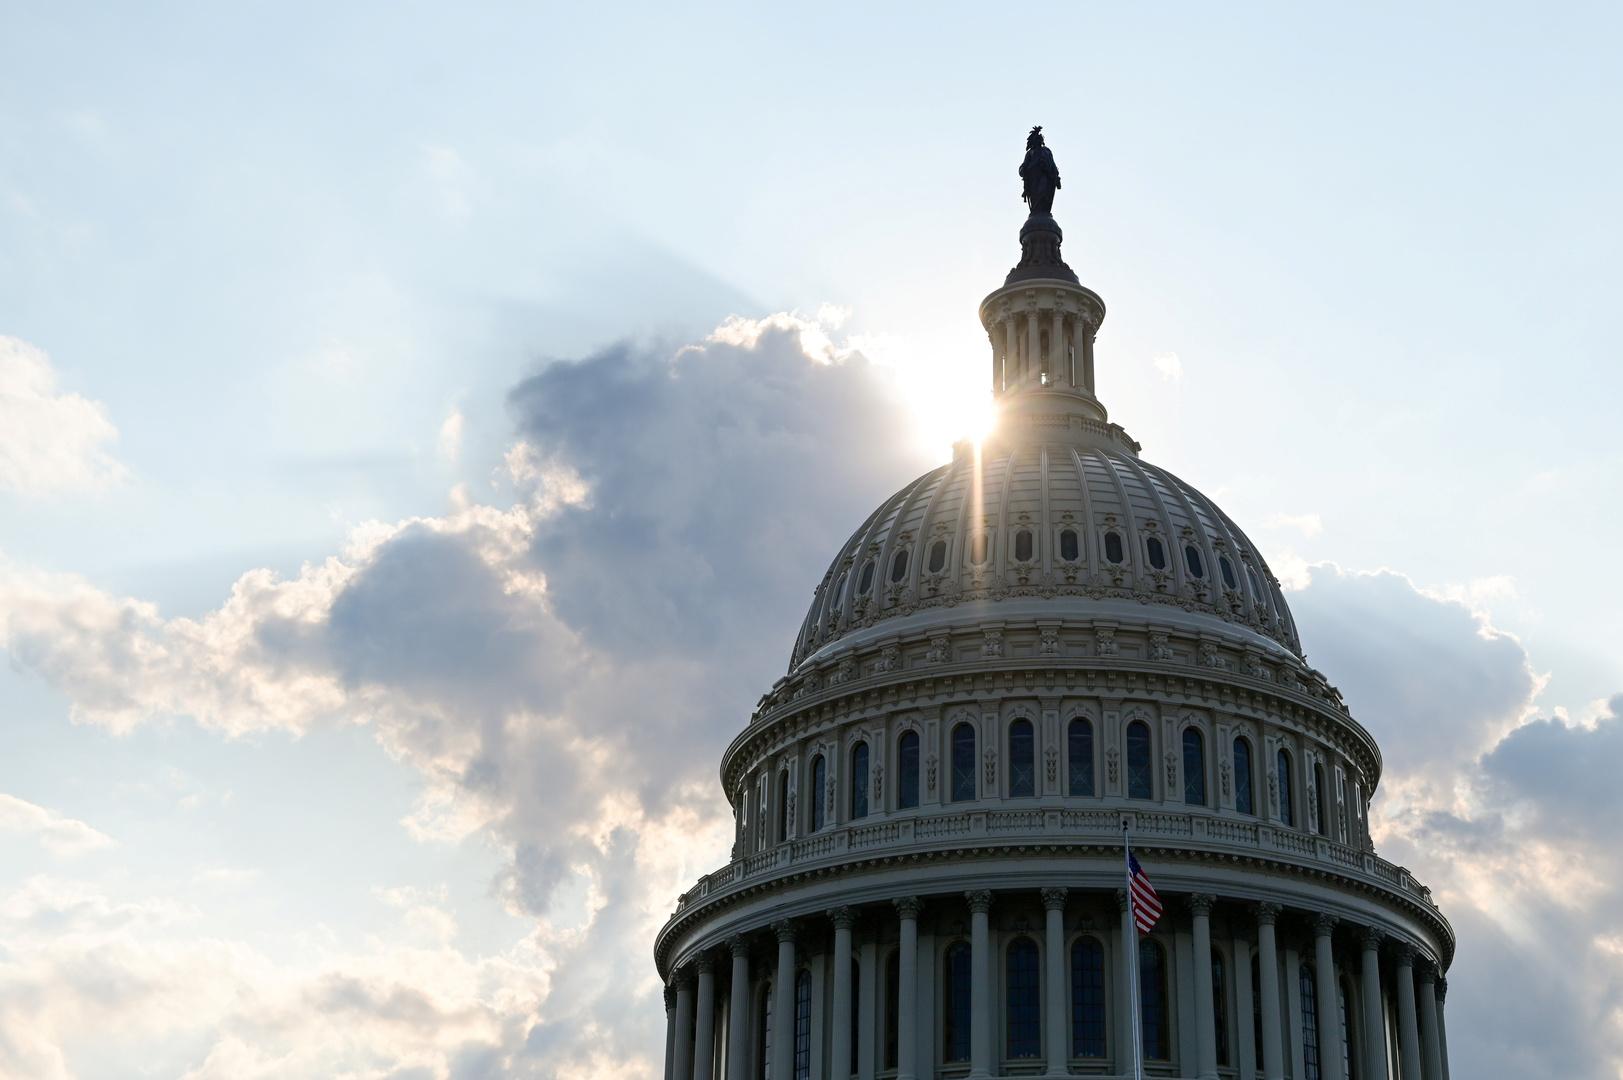 مشروع قرار في الكونغرس الأمريكي بشأن موقف إثيوبيا في مفاوضات سد النهضة